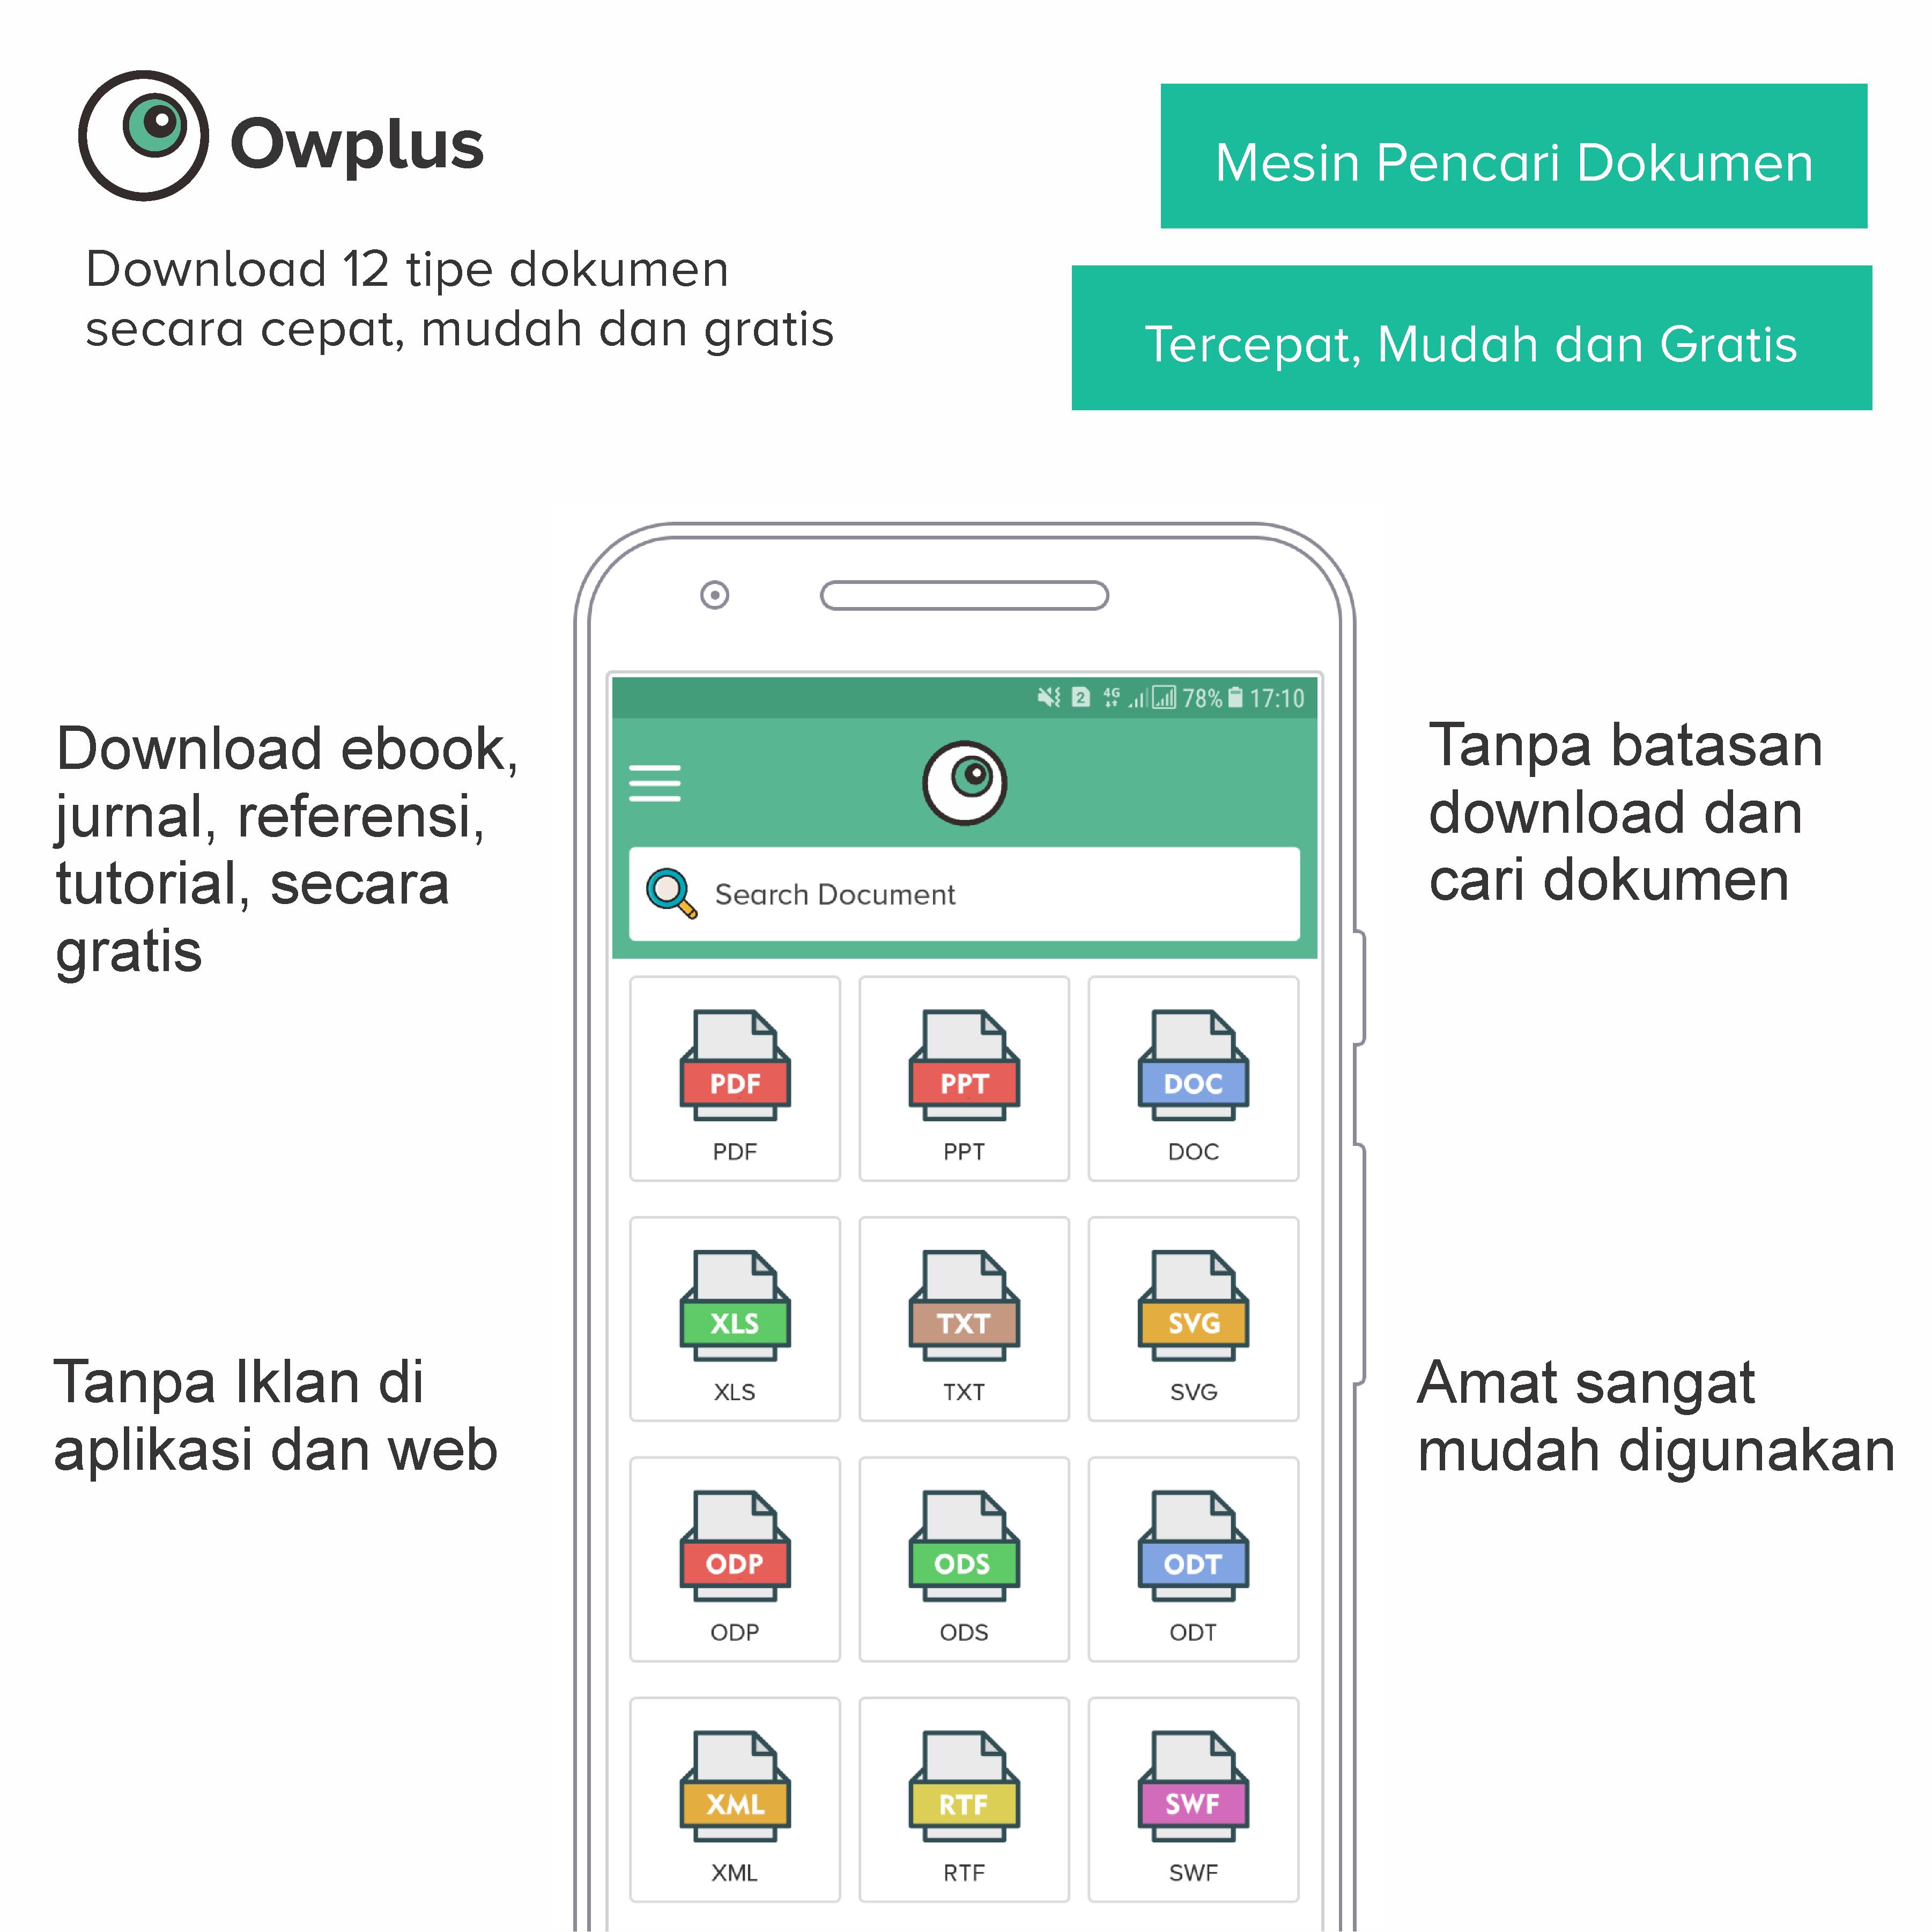 Little description about Owplus